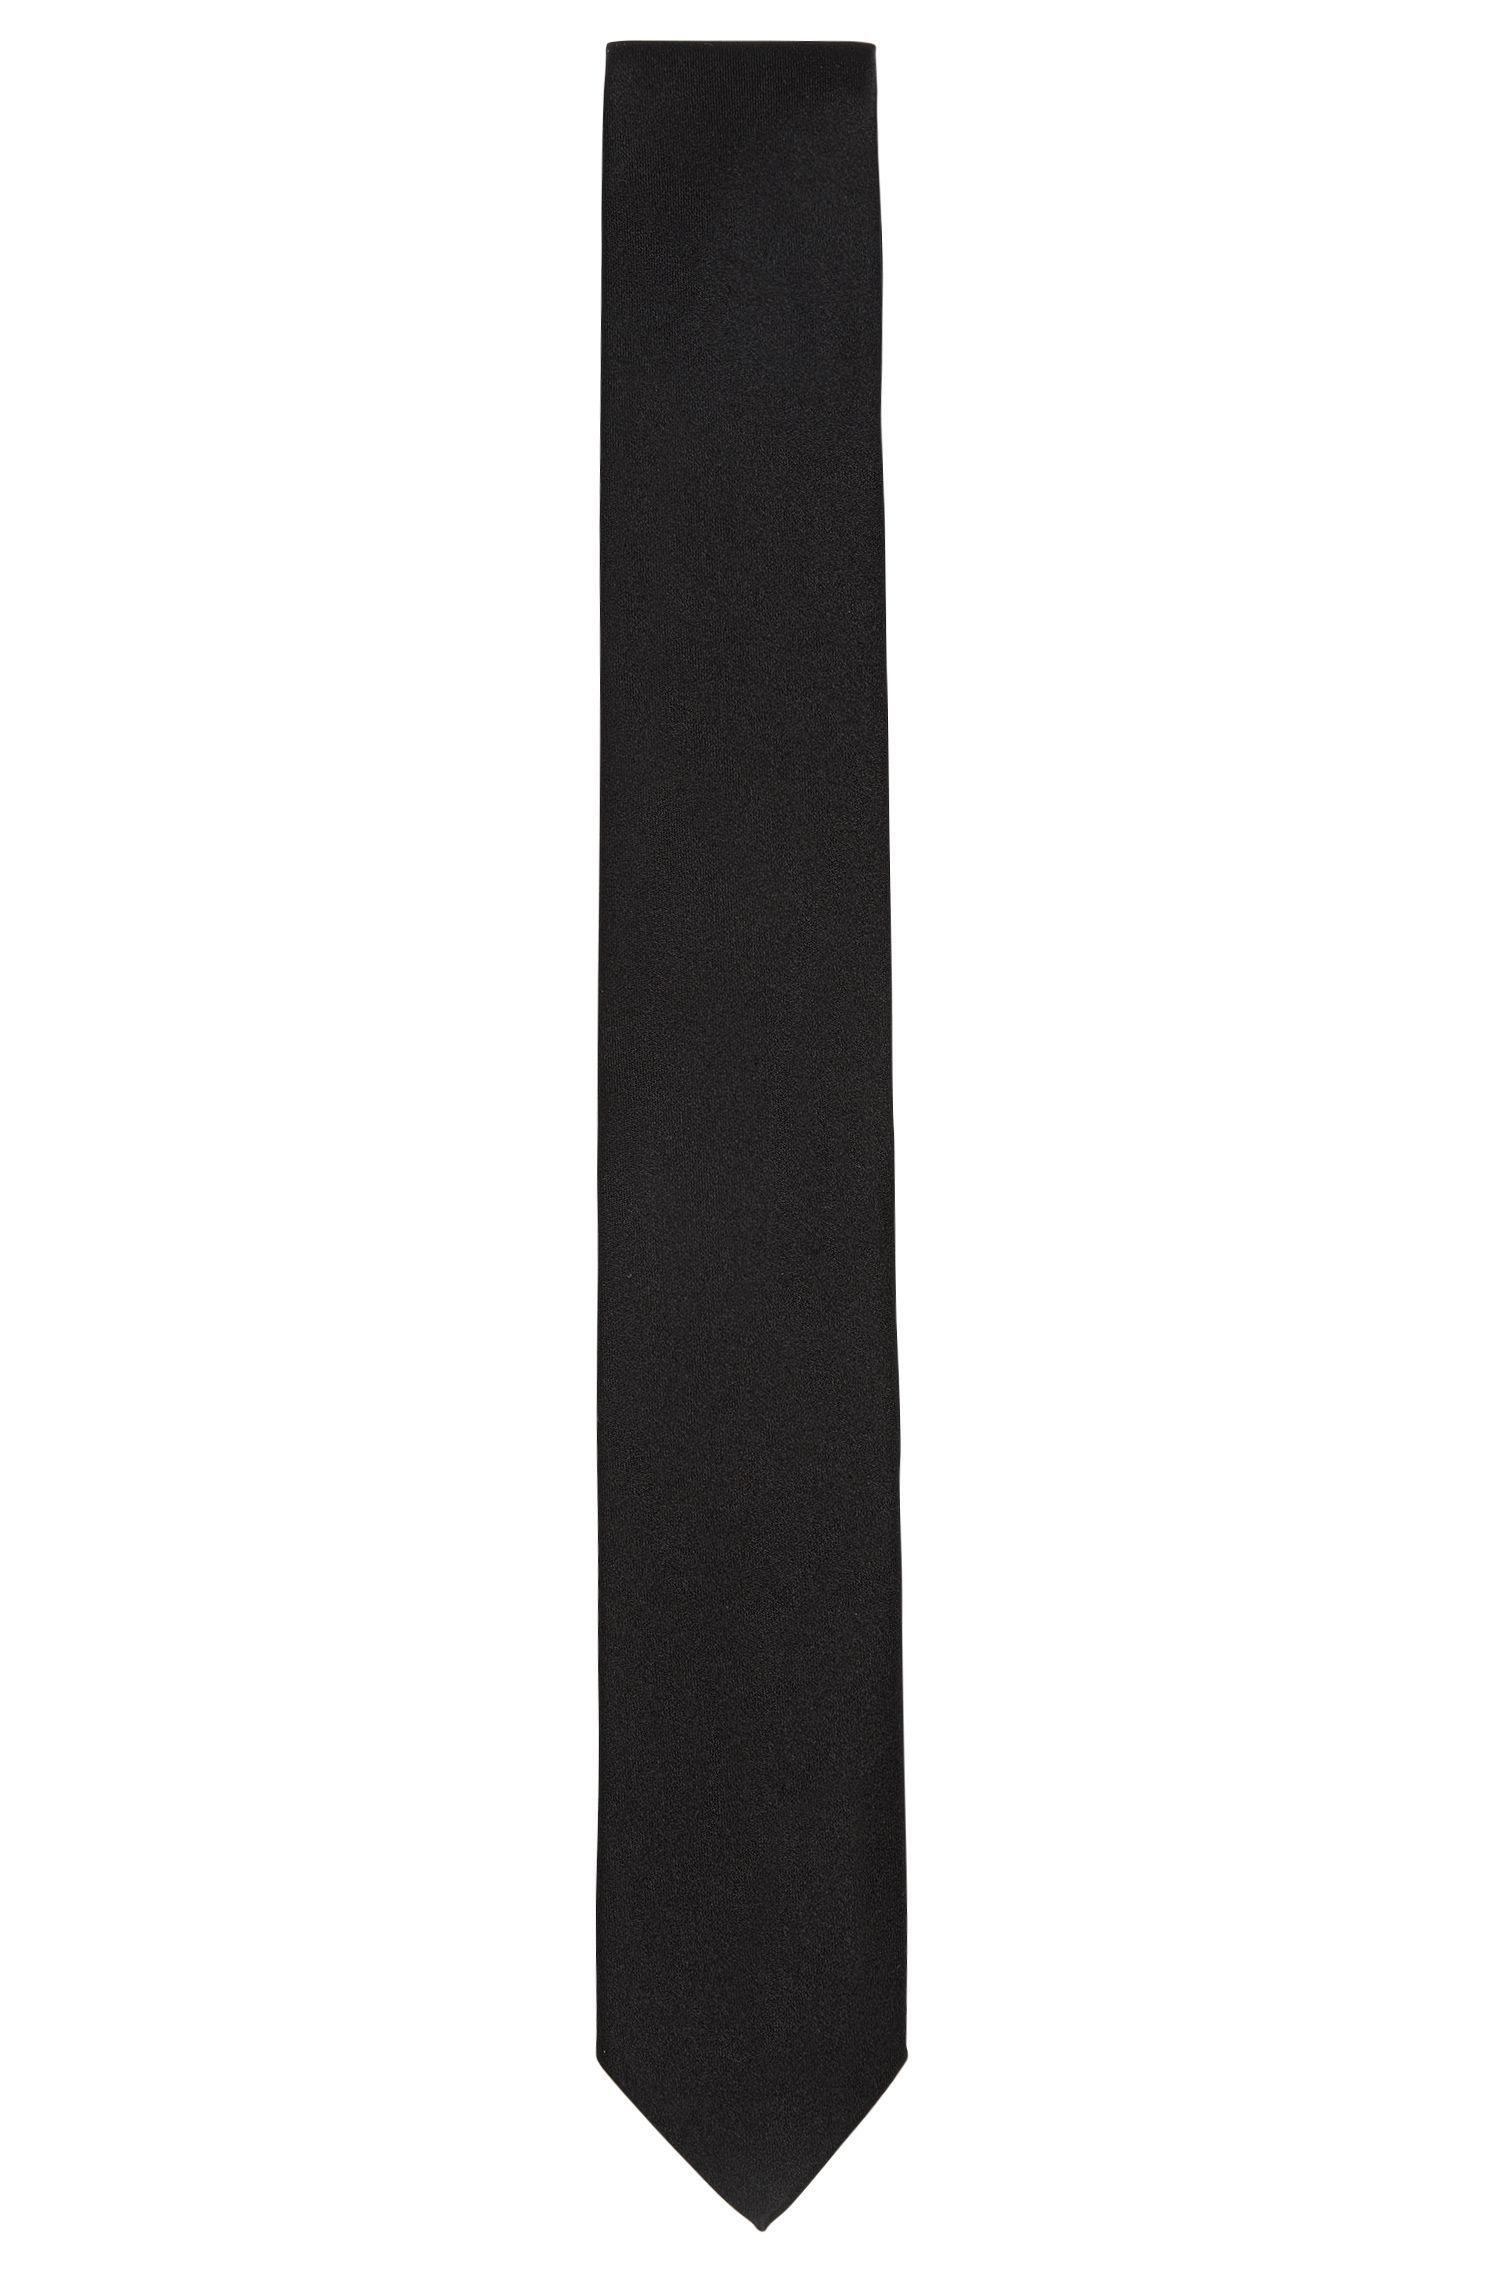 Krawatte aus Jacquard-Seide